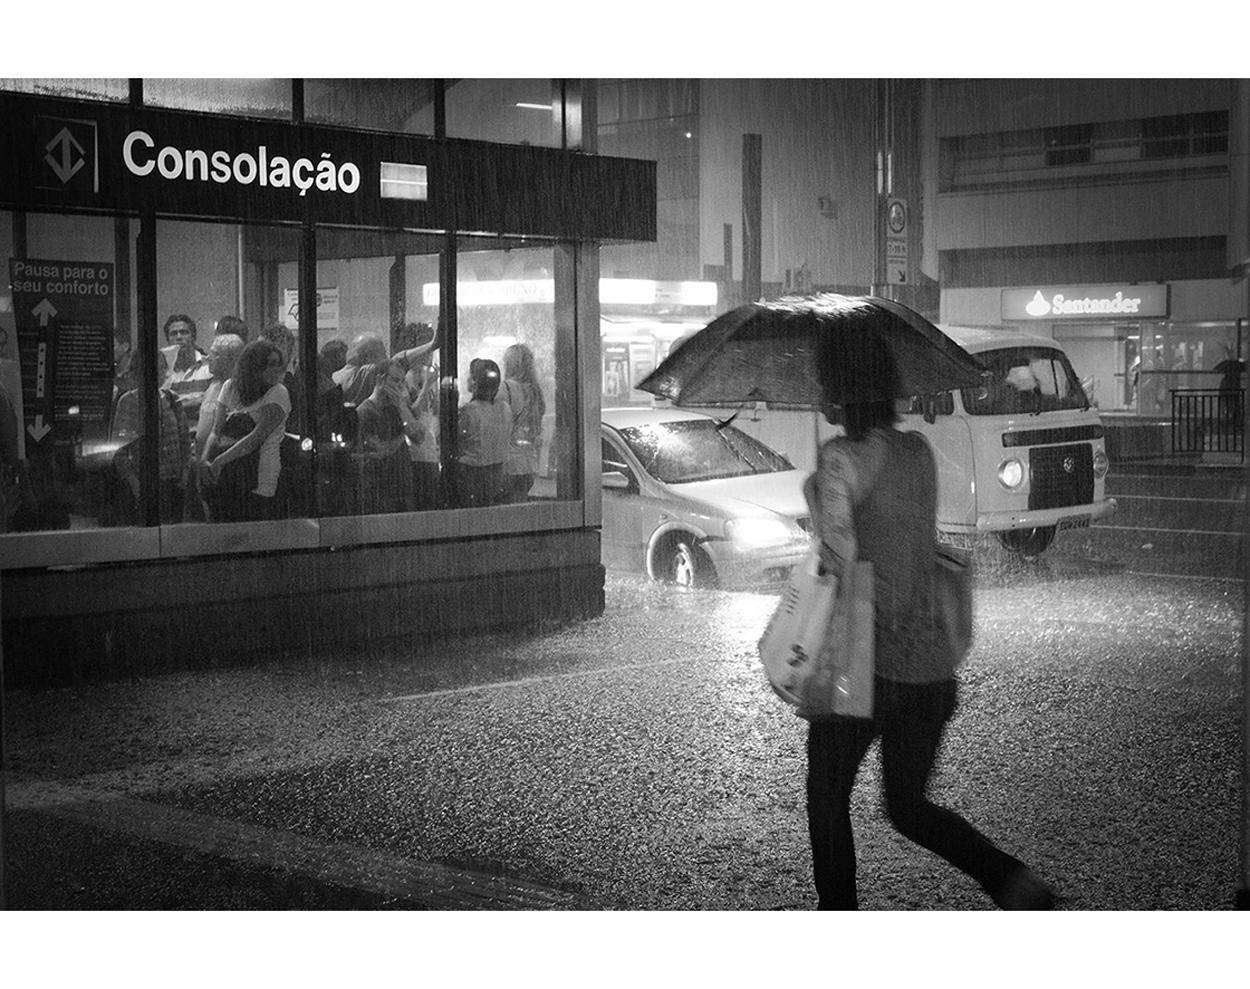 Consolação – Pausa para o seu conforto